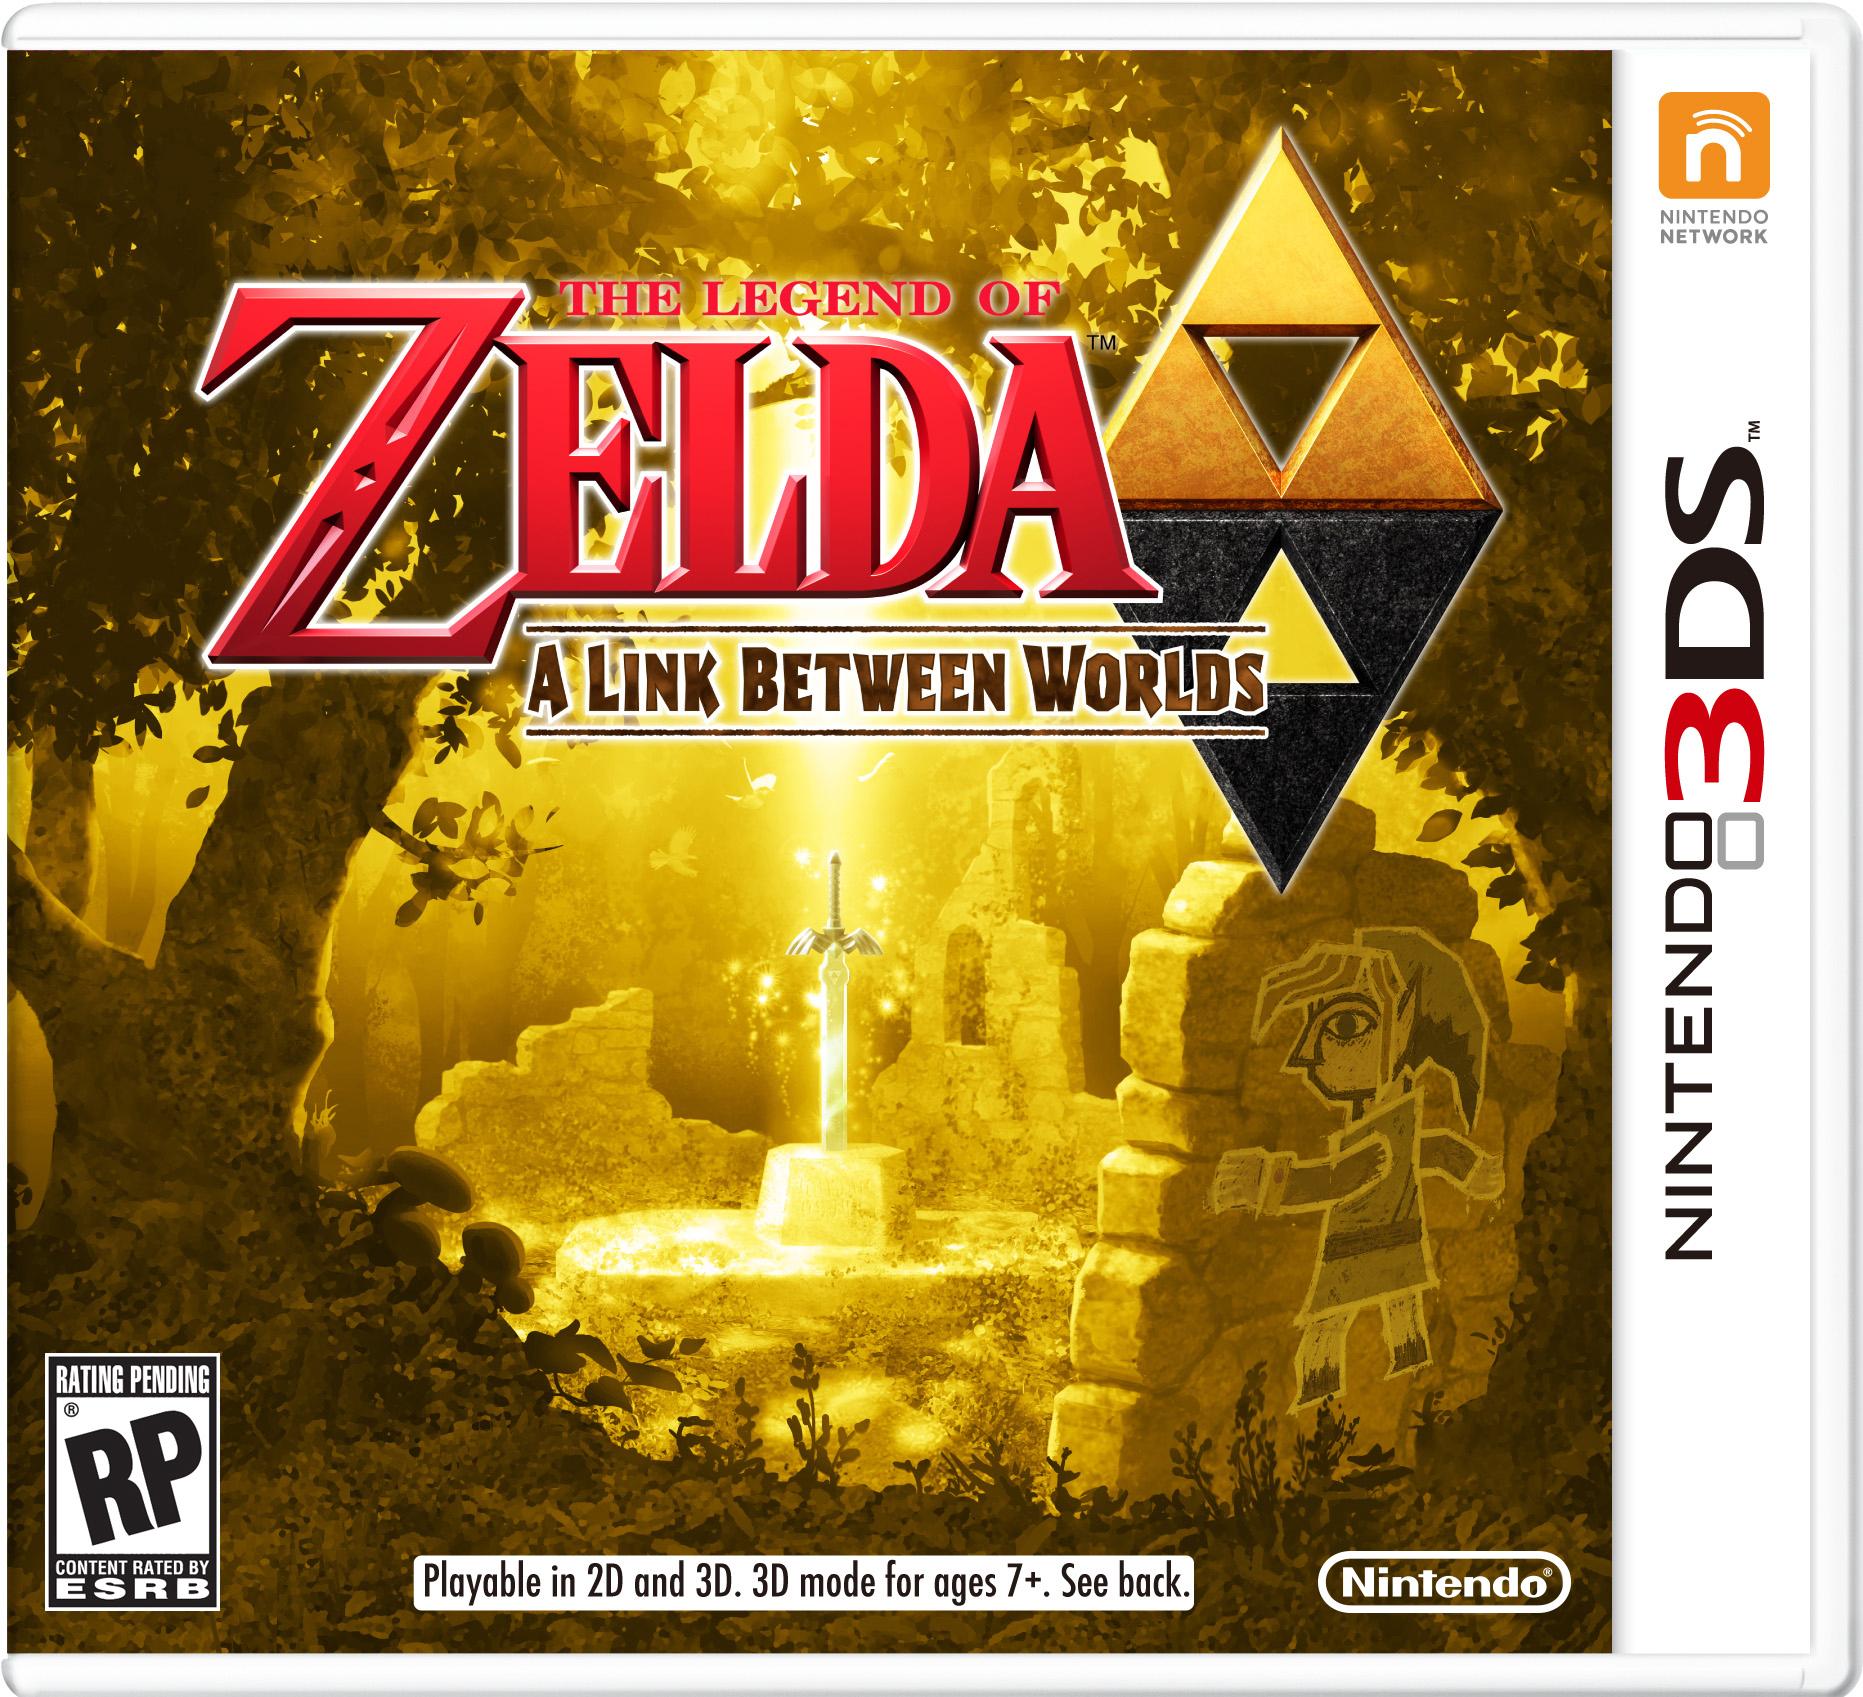 (AKTUALIZACJA) The Legend of Zelda: A Link Between Worlds (3DS) za ok. 132zł @ Amazon UK